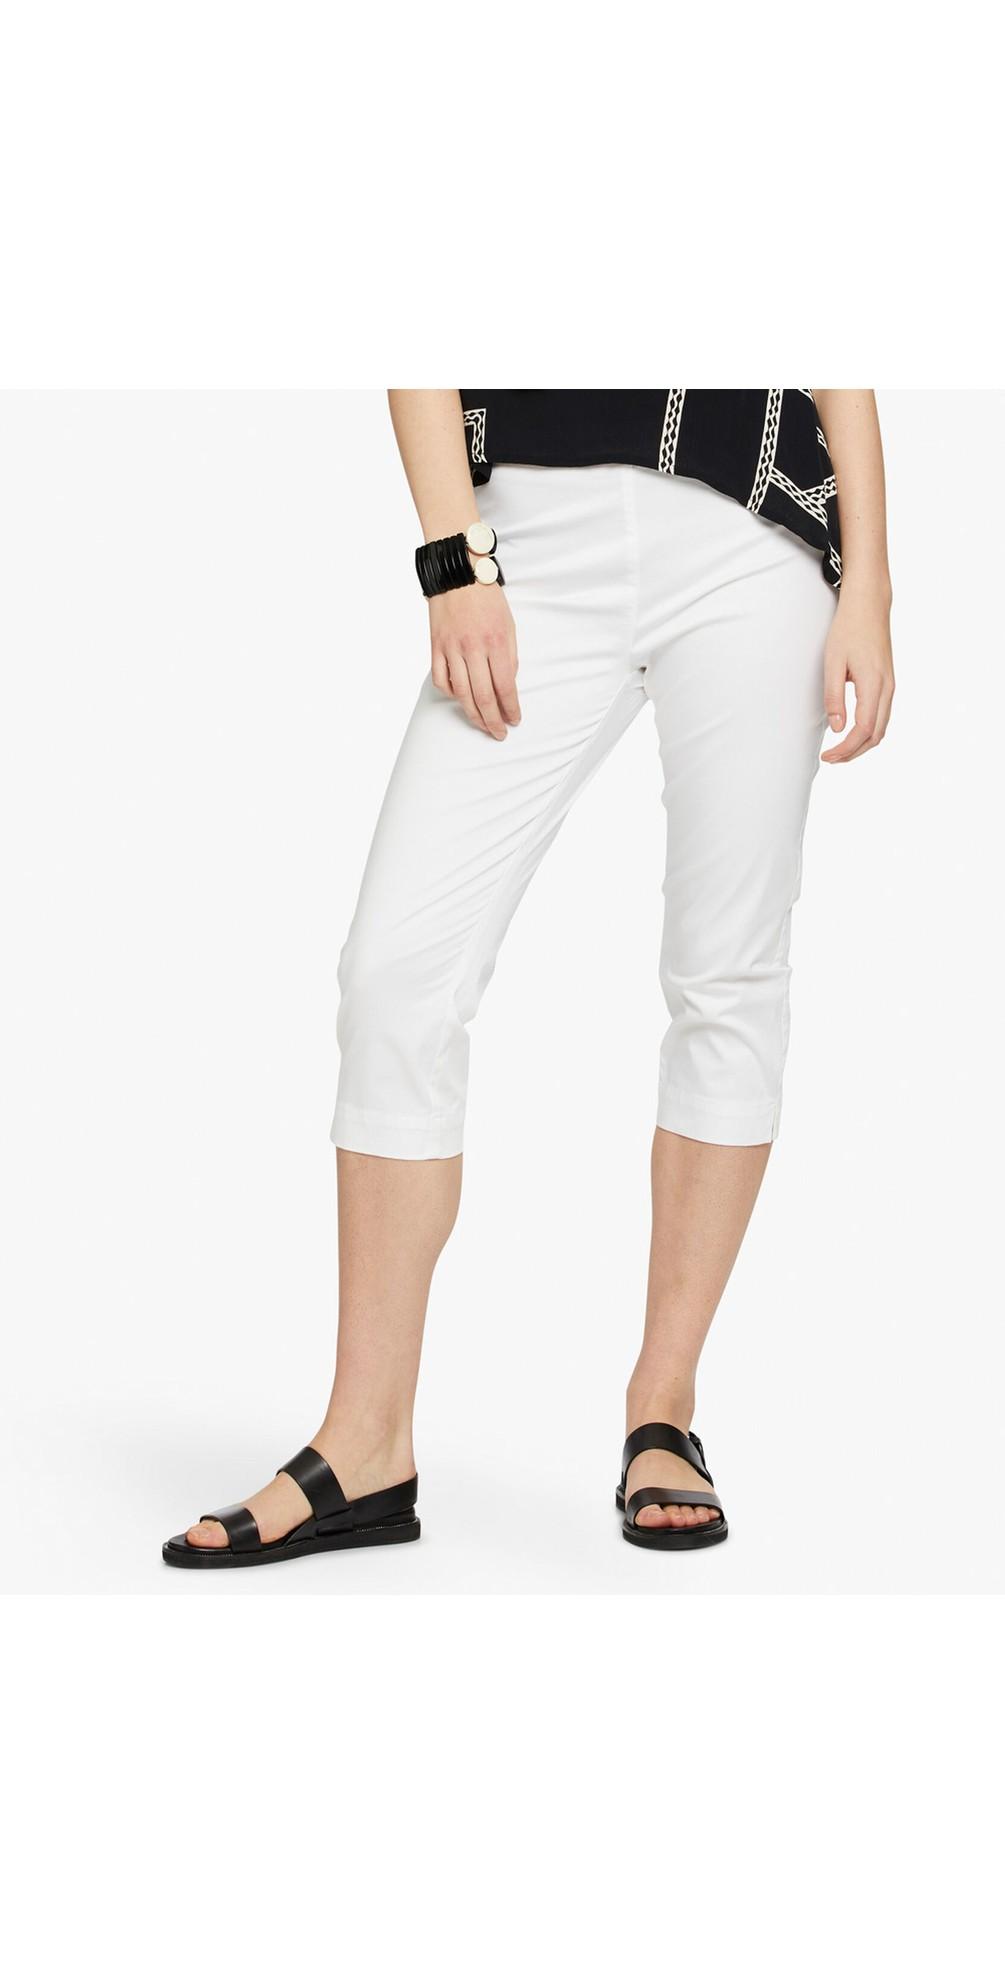 Peach Trouser main image